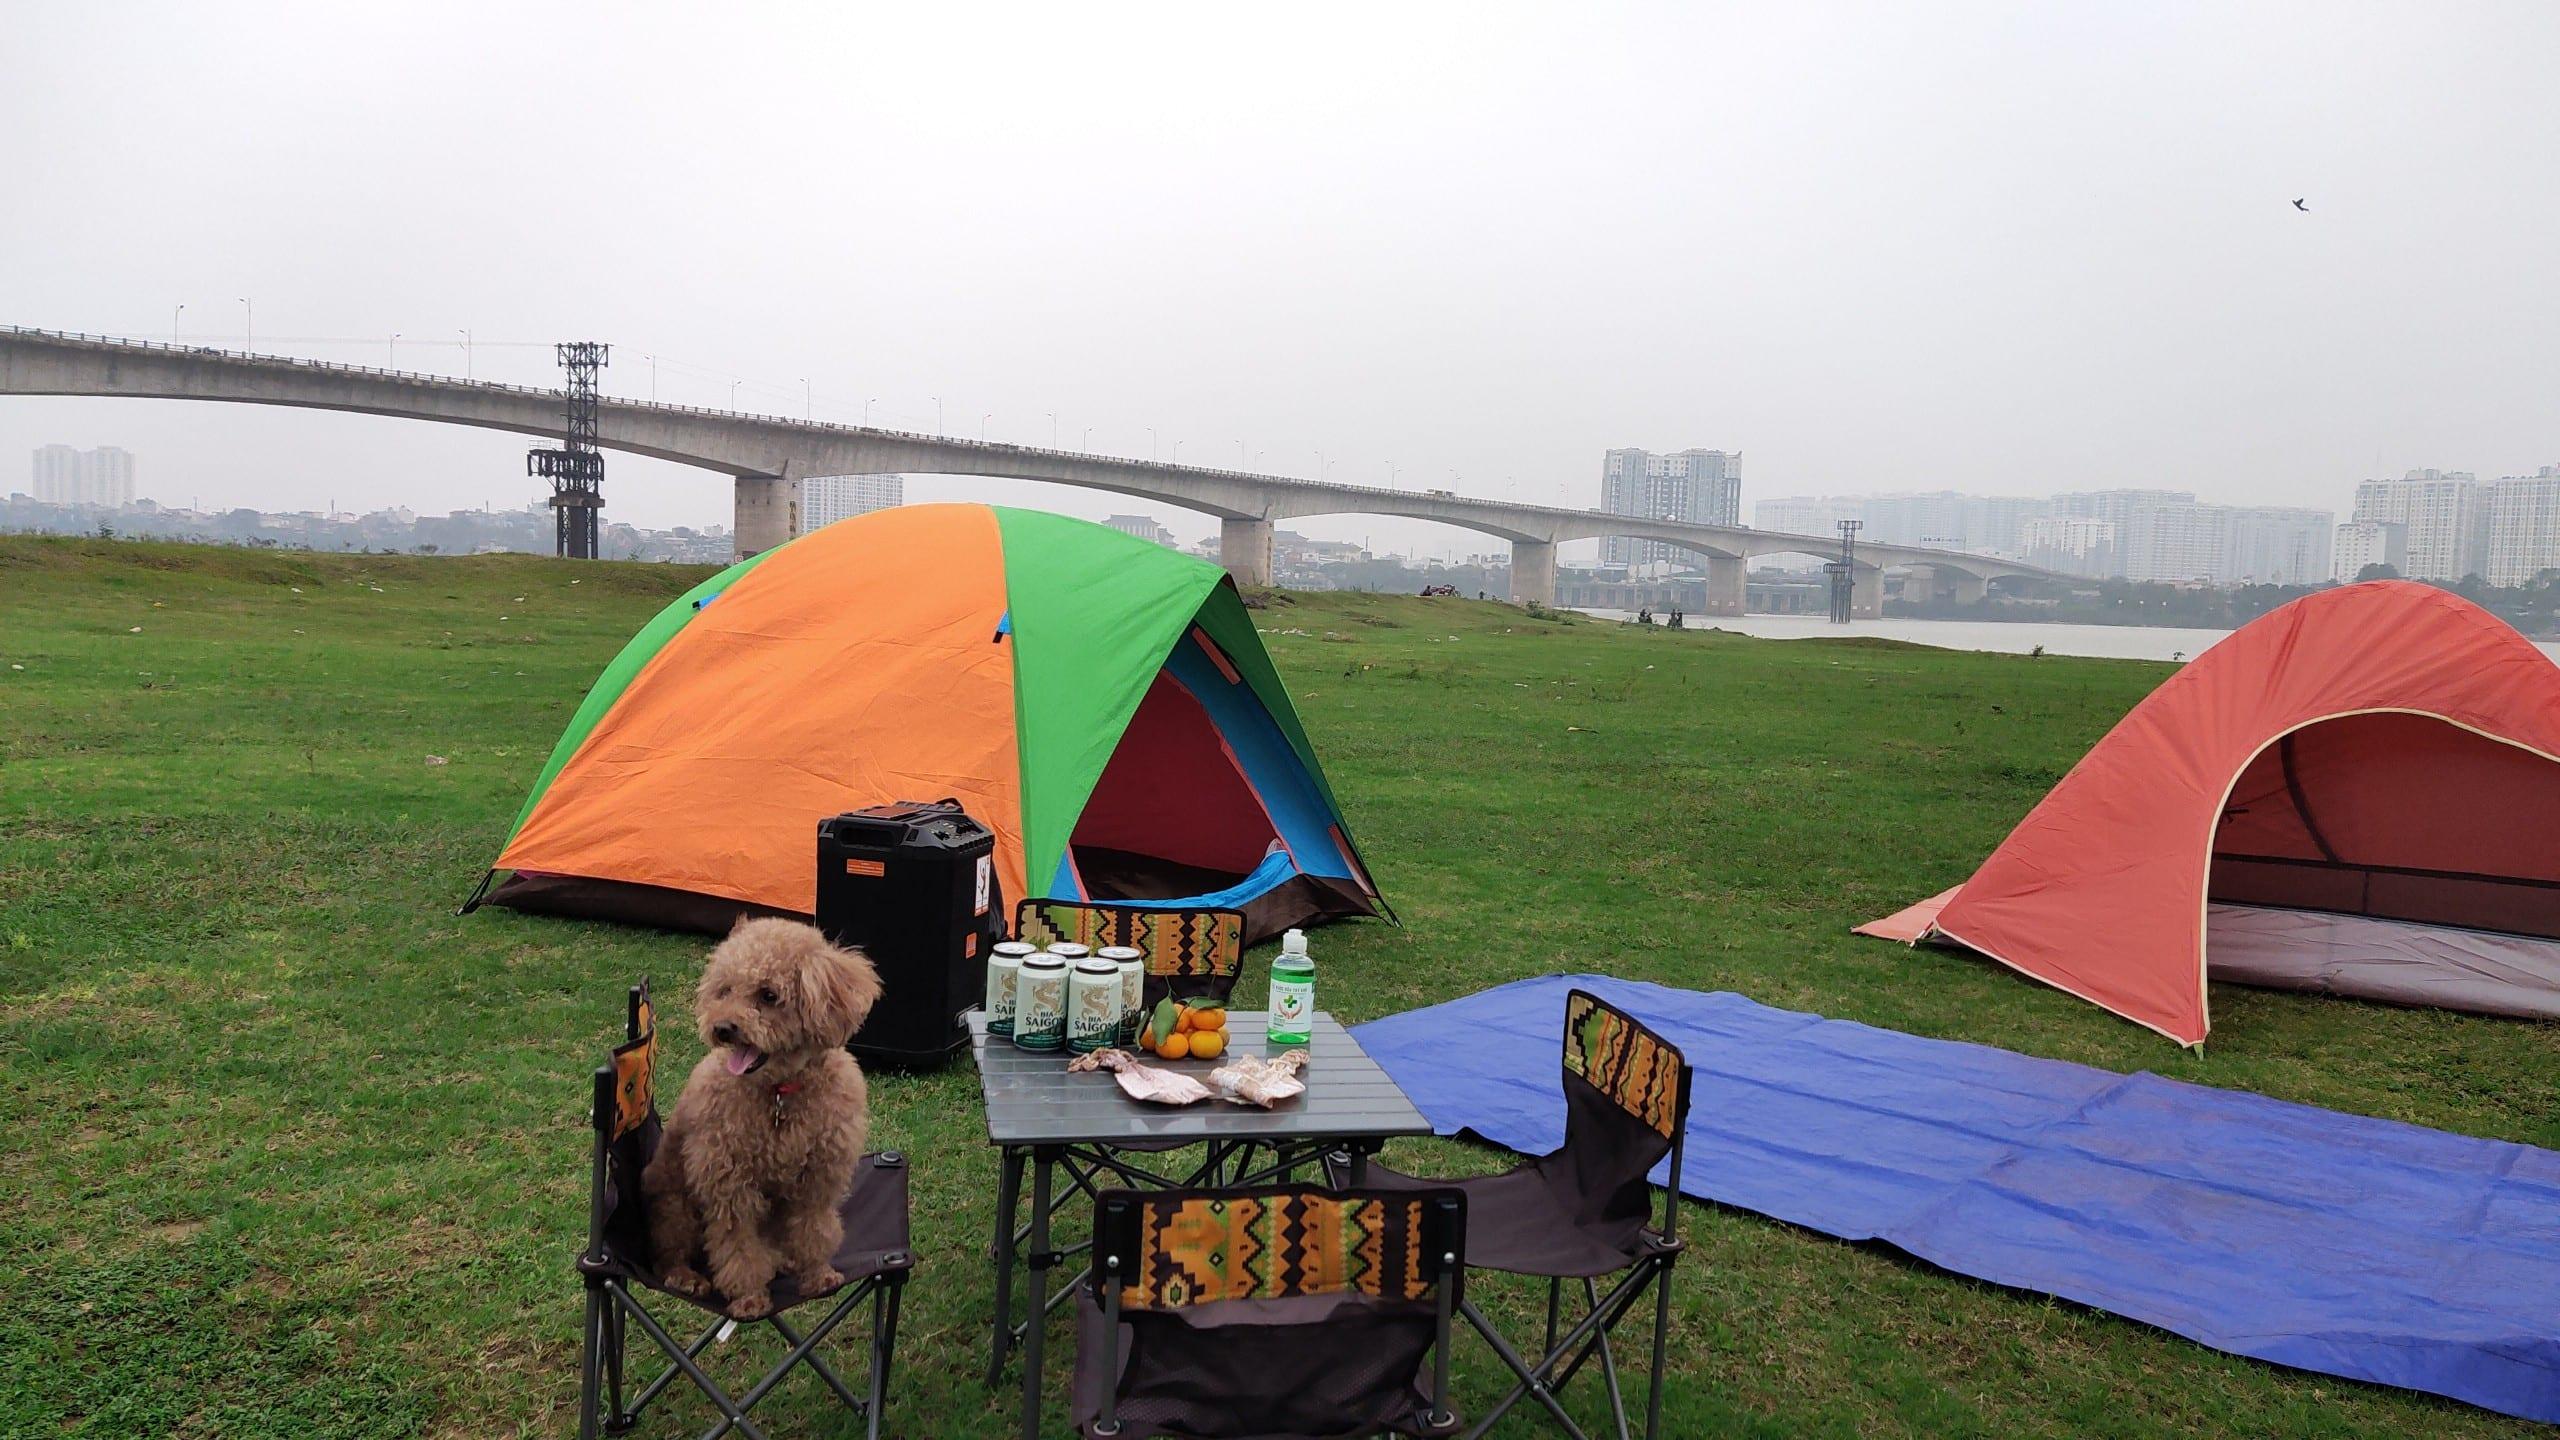 Các tiêu chí để chọn mua lều cắm trại phù hợp